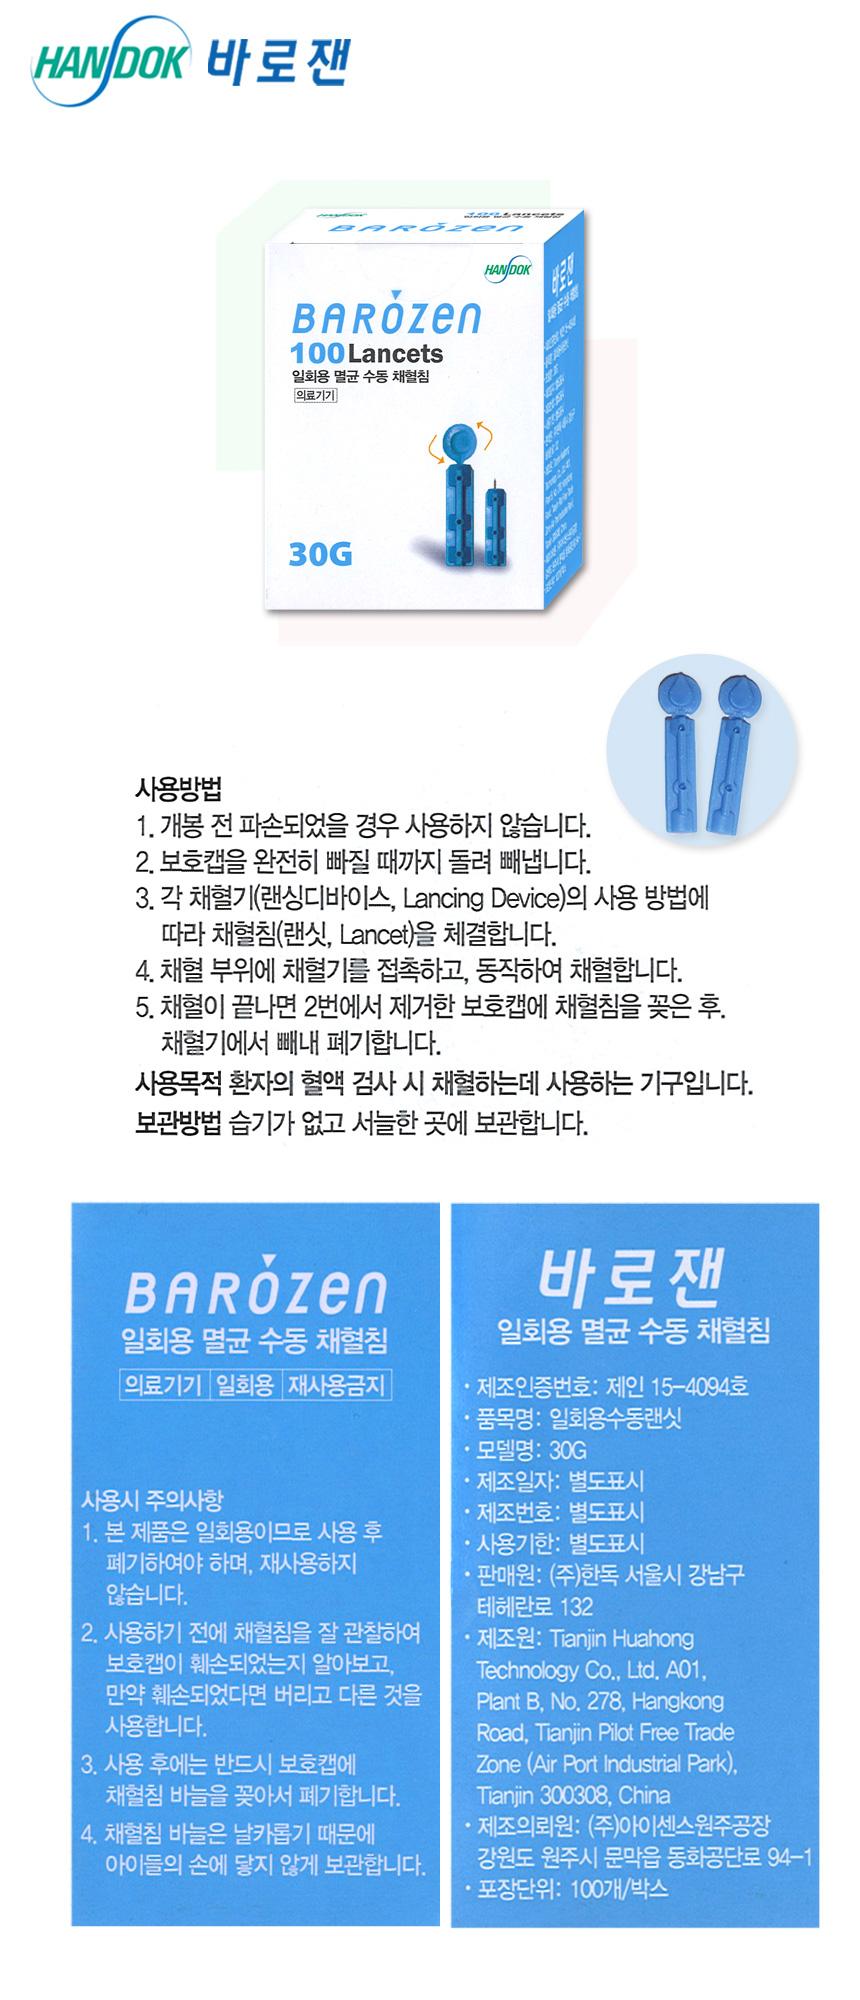 한독 바로잰 혈당시험지50매+채혈침100개+소독솜100매 - 바로잰, 20,400원, 생활잡화, 경보기/측정기